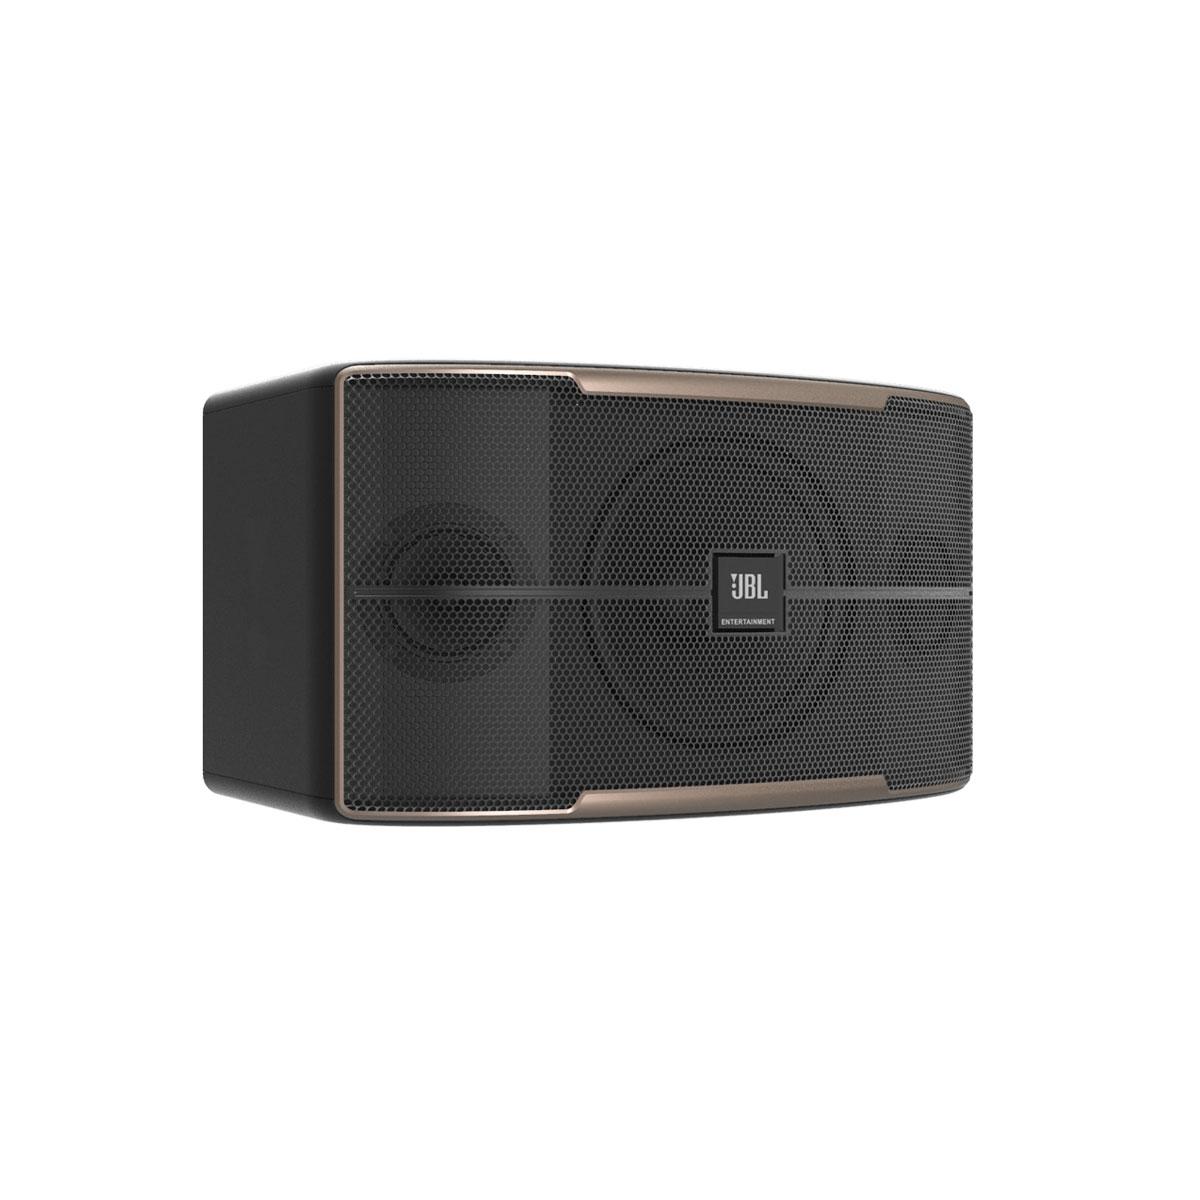 Cặp Loa Karaoke JBL Pasion 8 - Hàng chính hãng